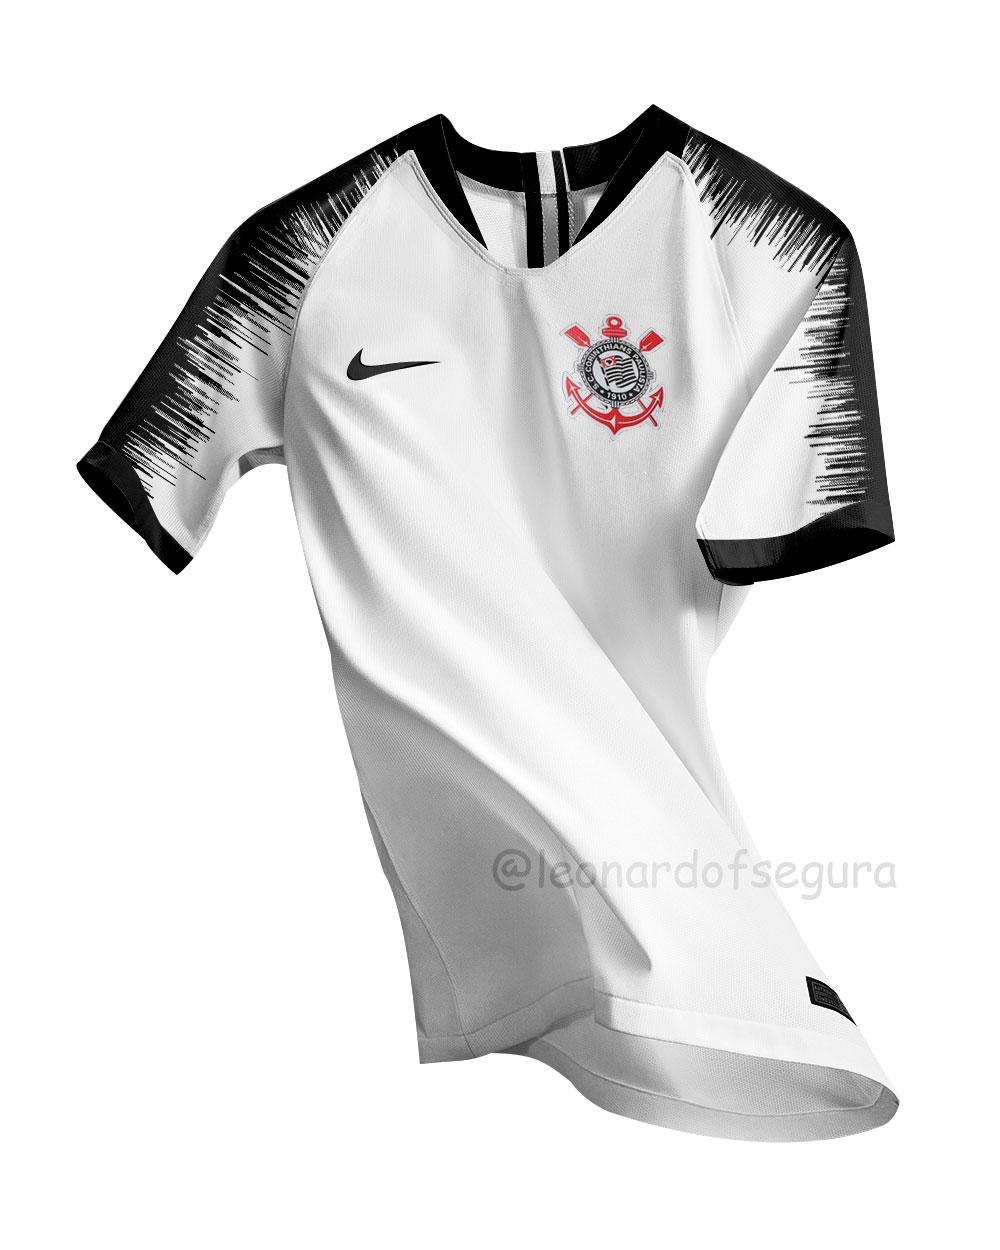 0da2e5fed14ed Montagem Camisa Corinthians 19 20